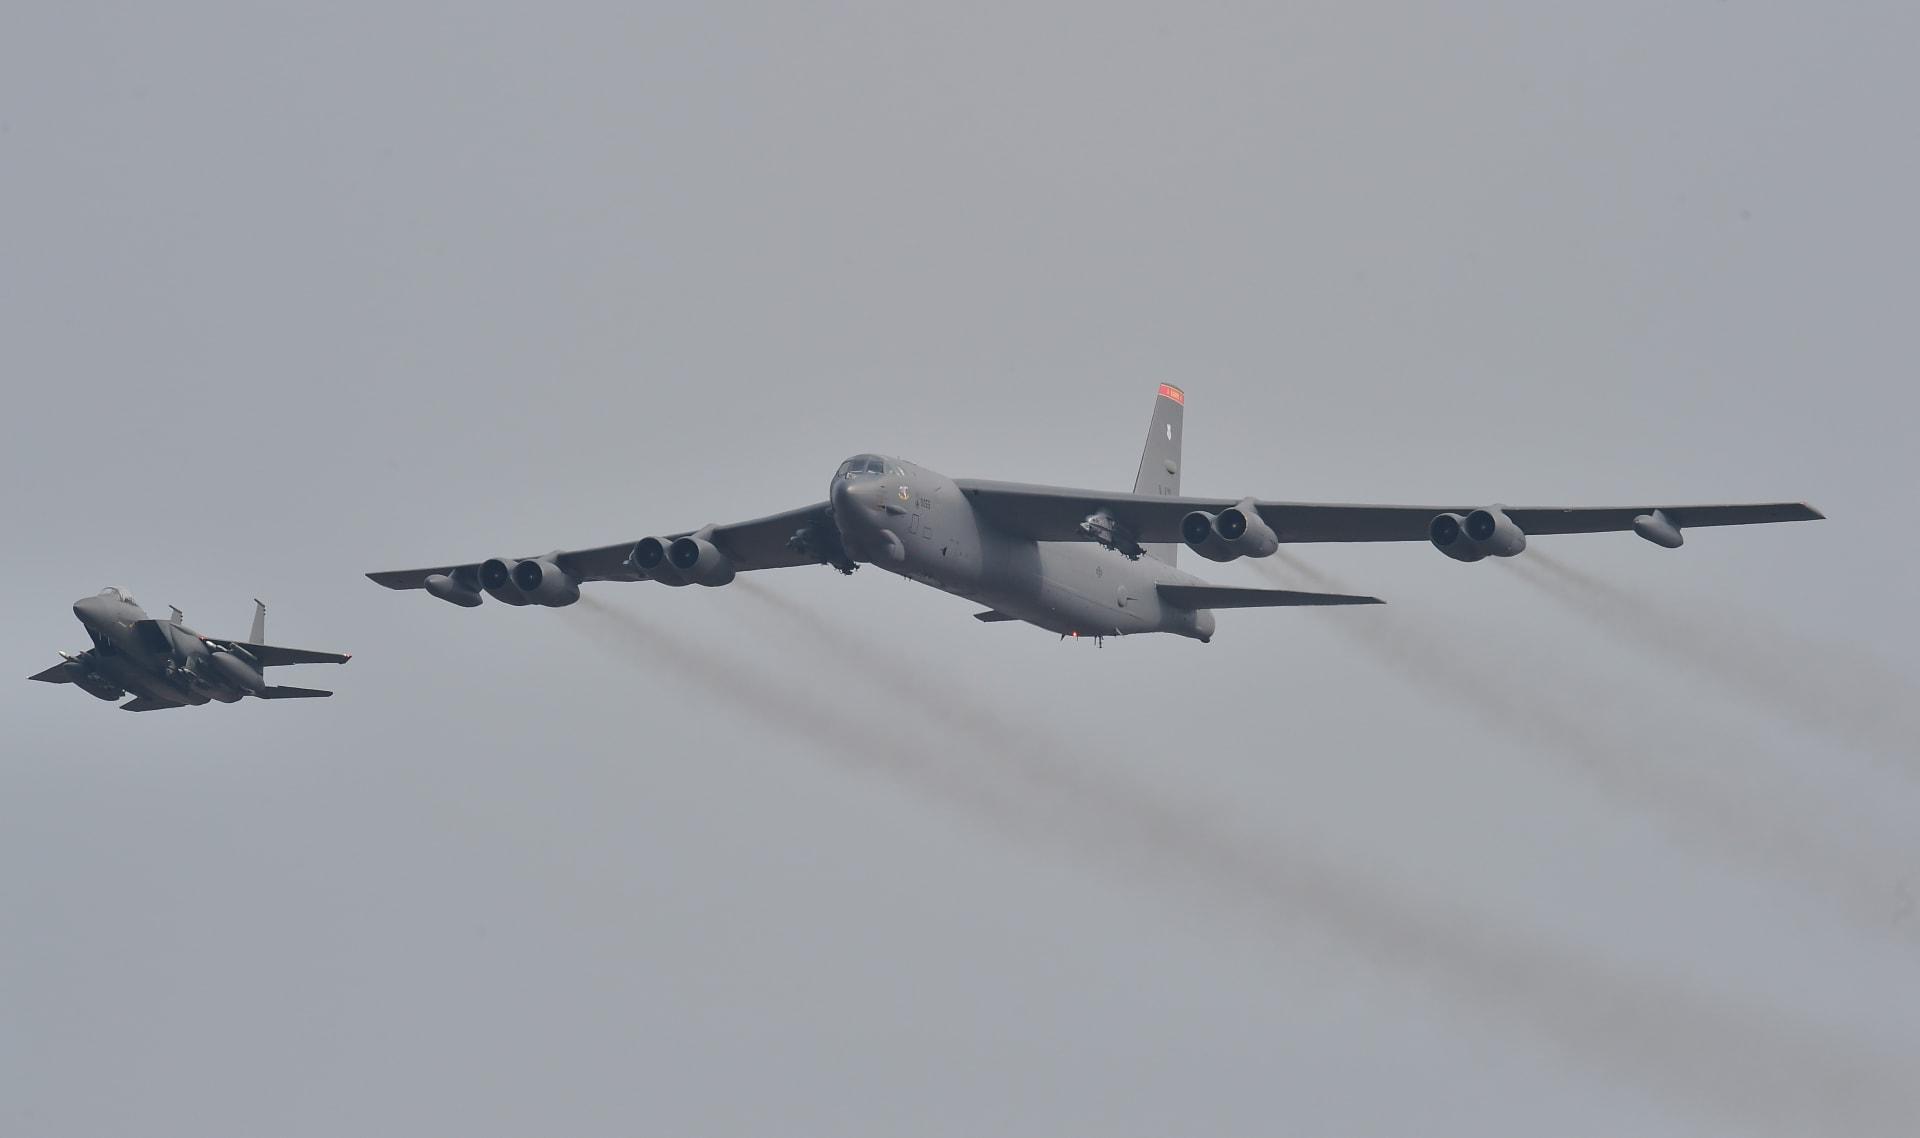 الجيش الأمريكي ينشر قاذفتي قنابل بي 52 بالشرق الأوسط مع قرب ذكرى قاسم سليماني